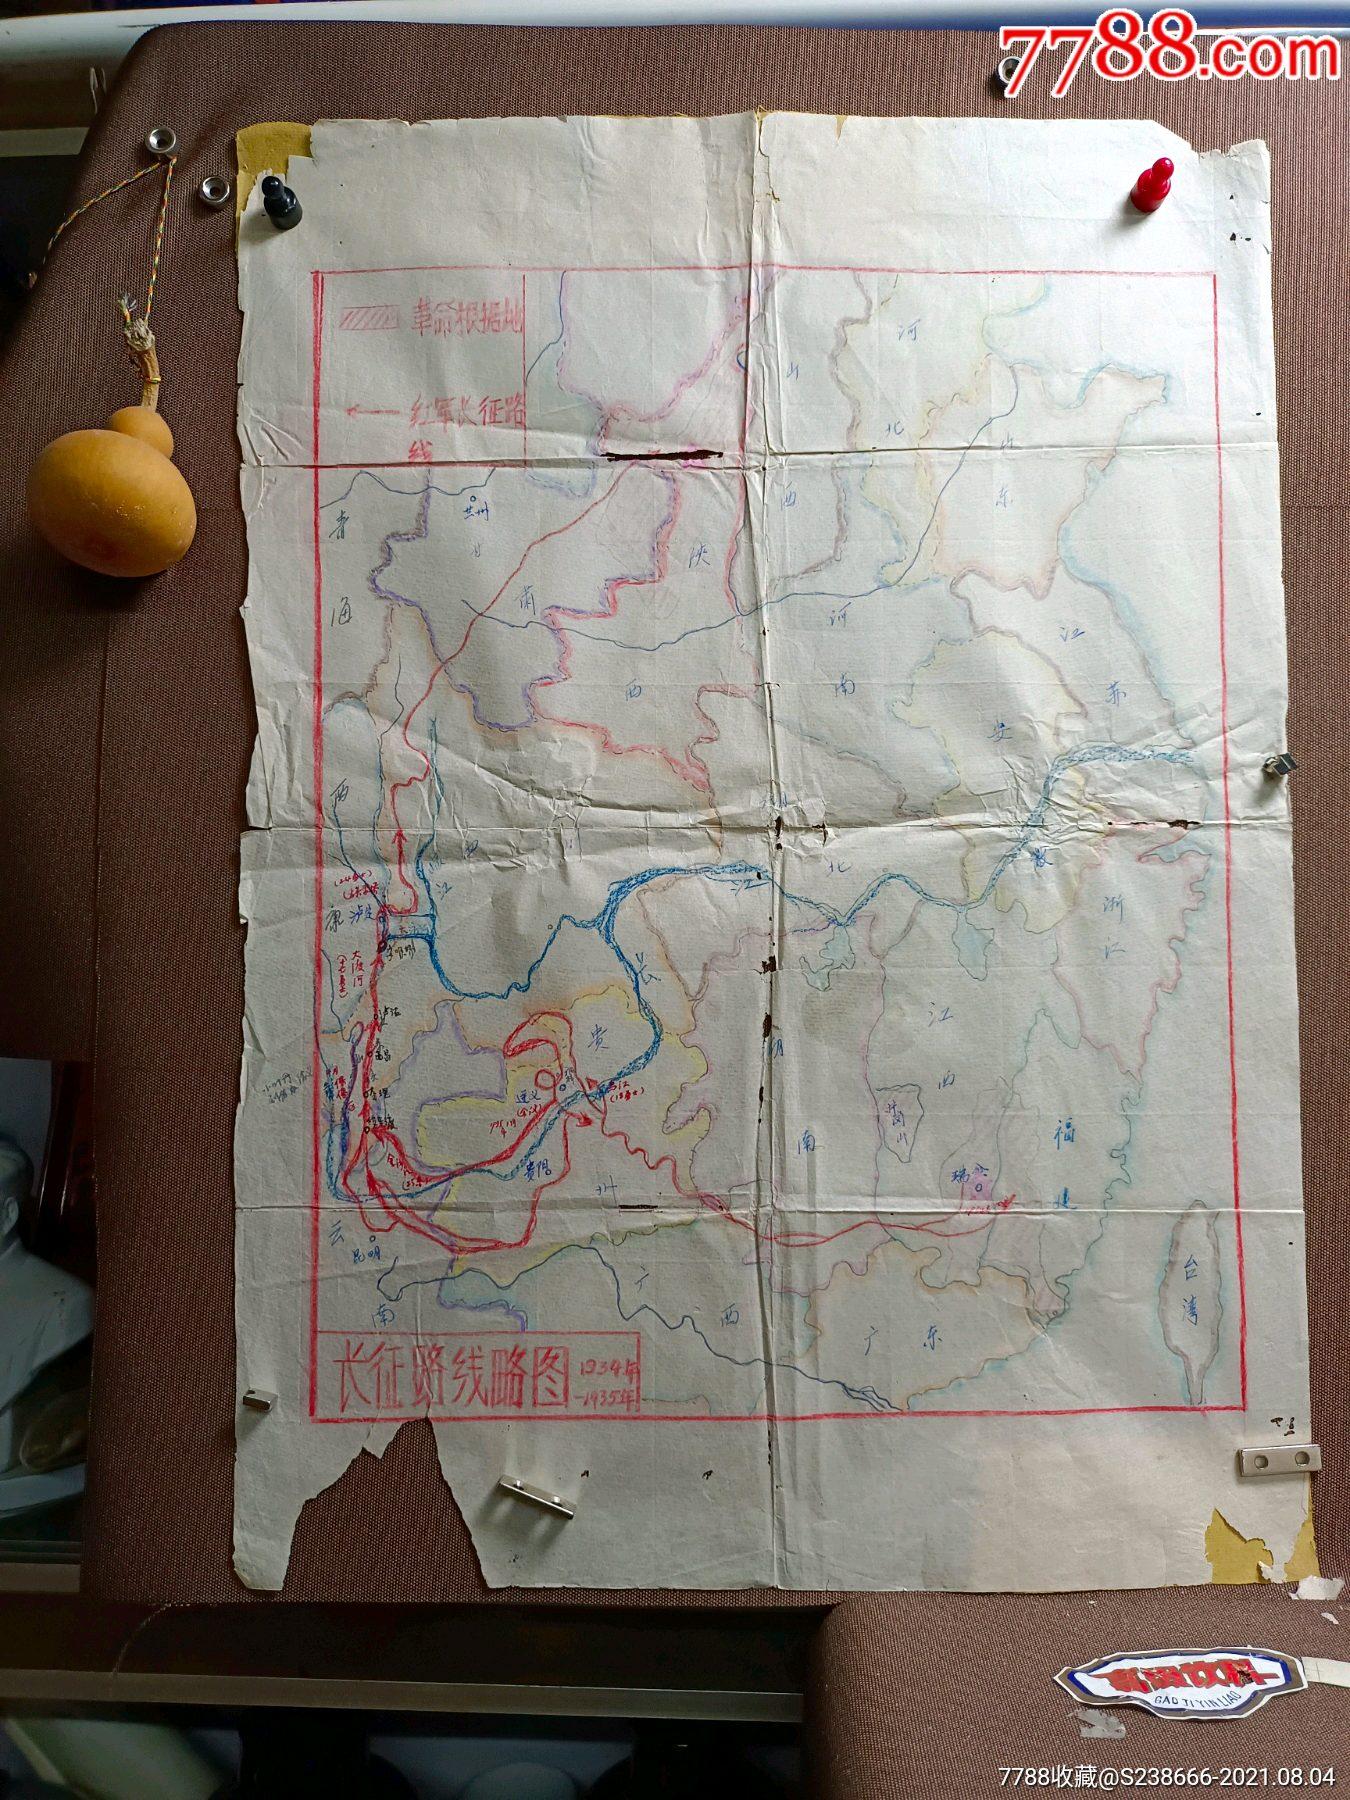 革命根據地紅軍長征路線圖手繪地圖一張紅色題材少見_價格91元_第2張_